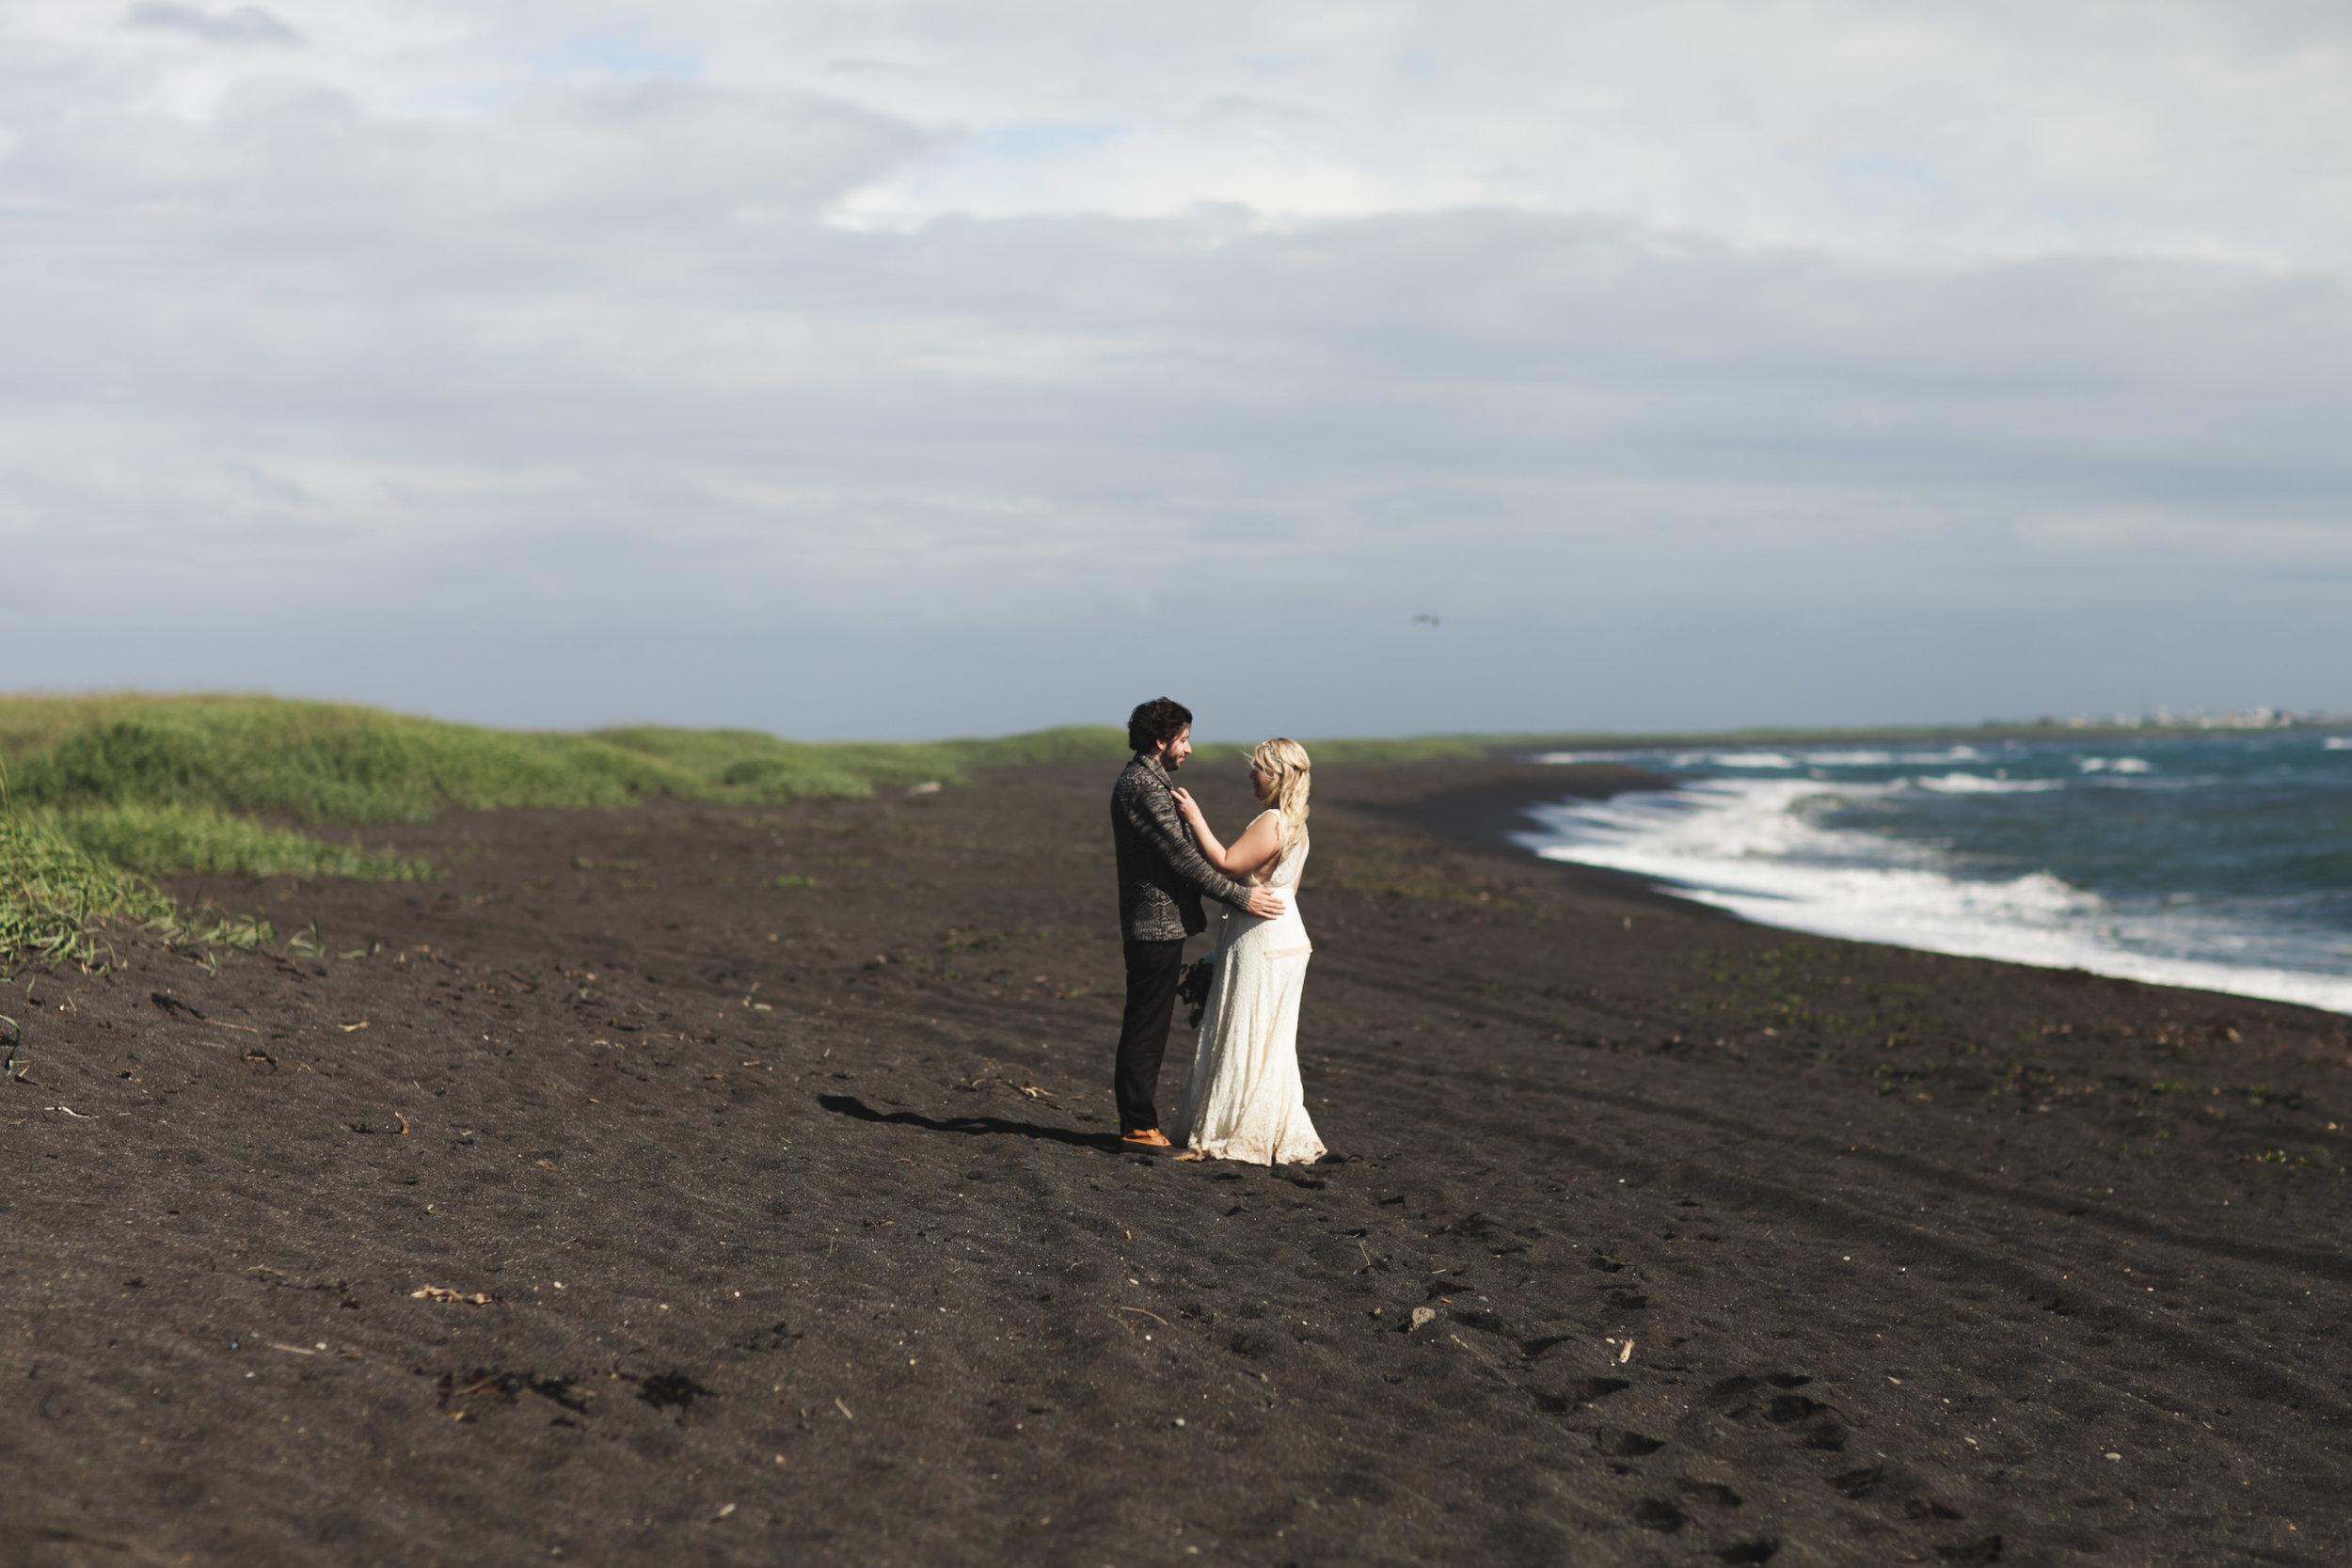 LisaDiederichPhotography_IcelandWedding_Kelsey&Zack-35.jpg